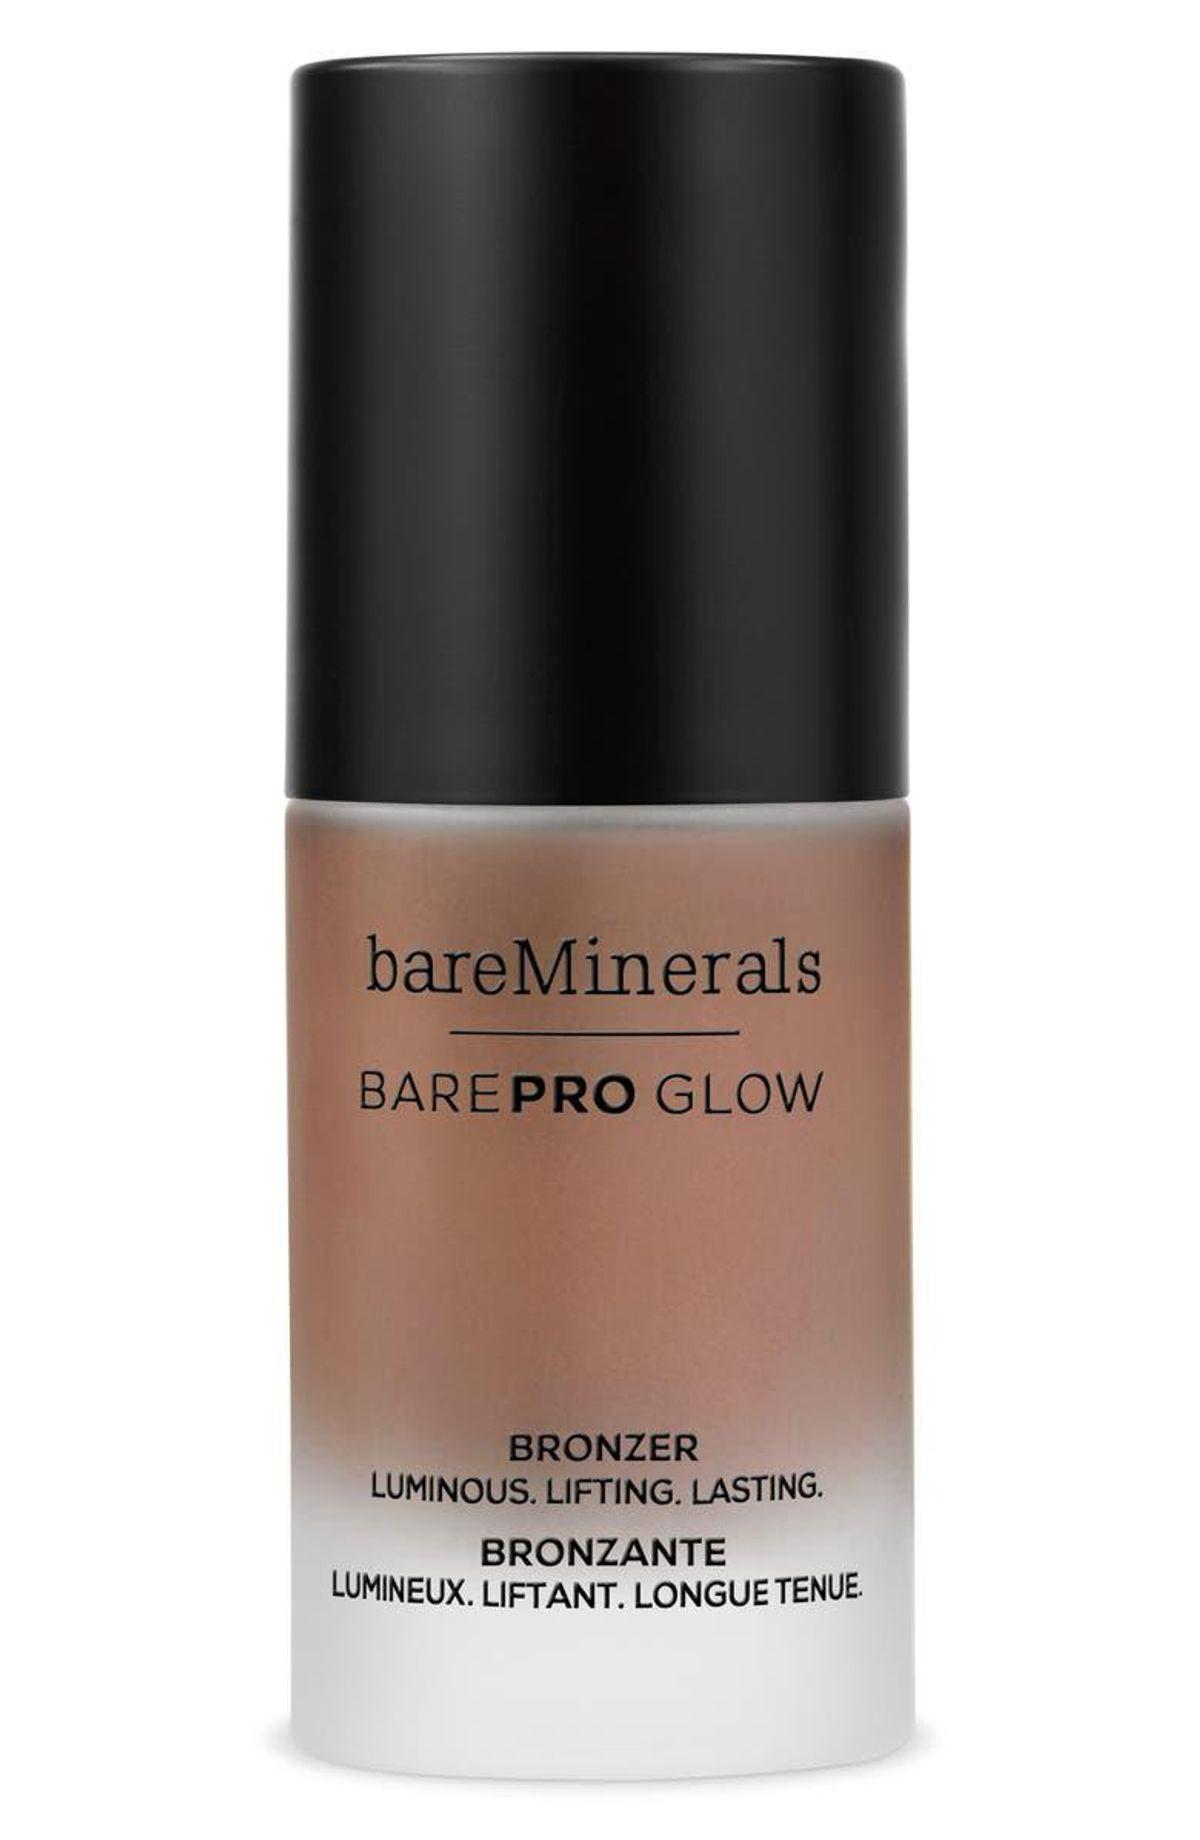 bare minerals barepro glow bronzer